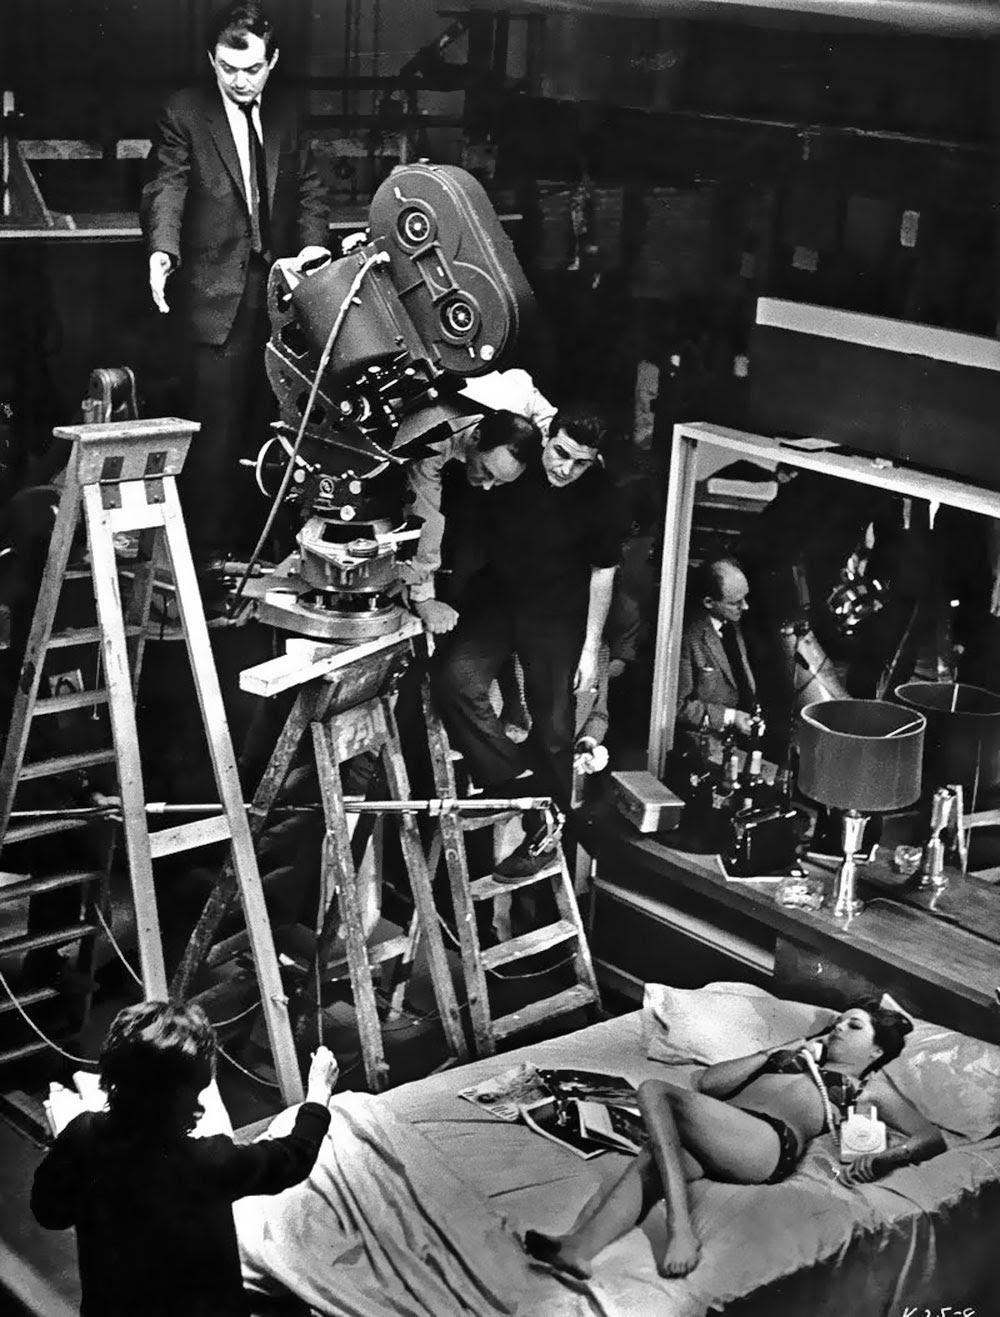 Strangelove Photos sur des tournages de films  photo histoire featured cinema 2 art